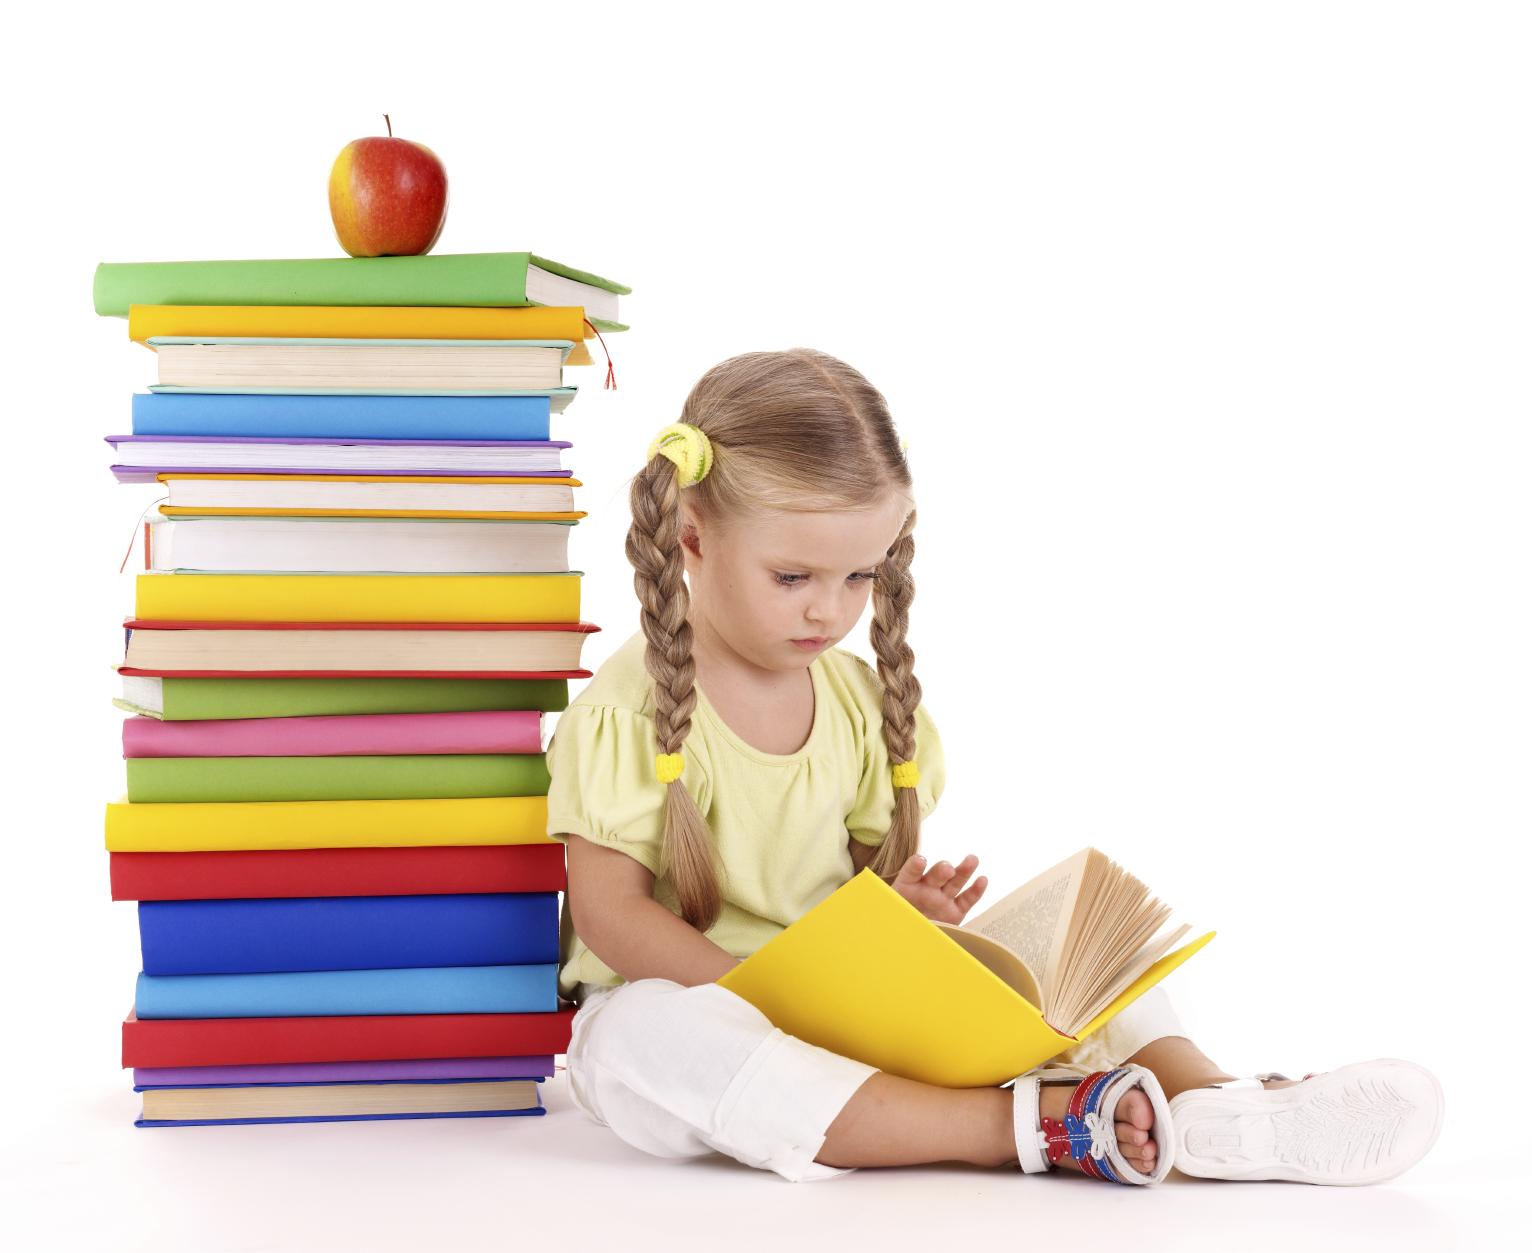 Na sljedeće načine motivirajte dijete da uči i piše zadaće